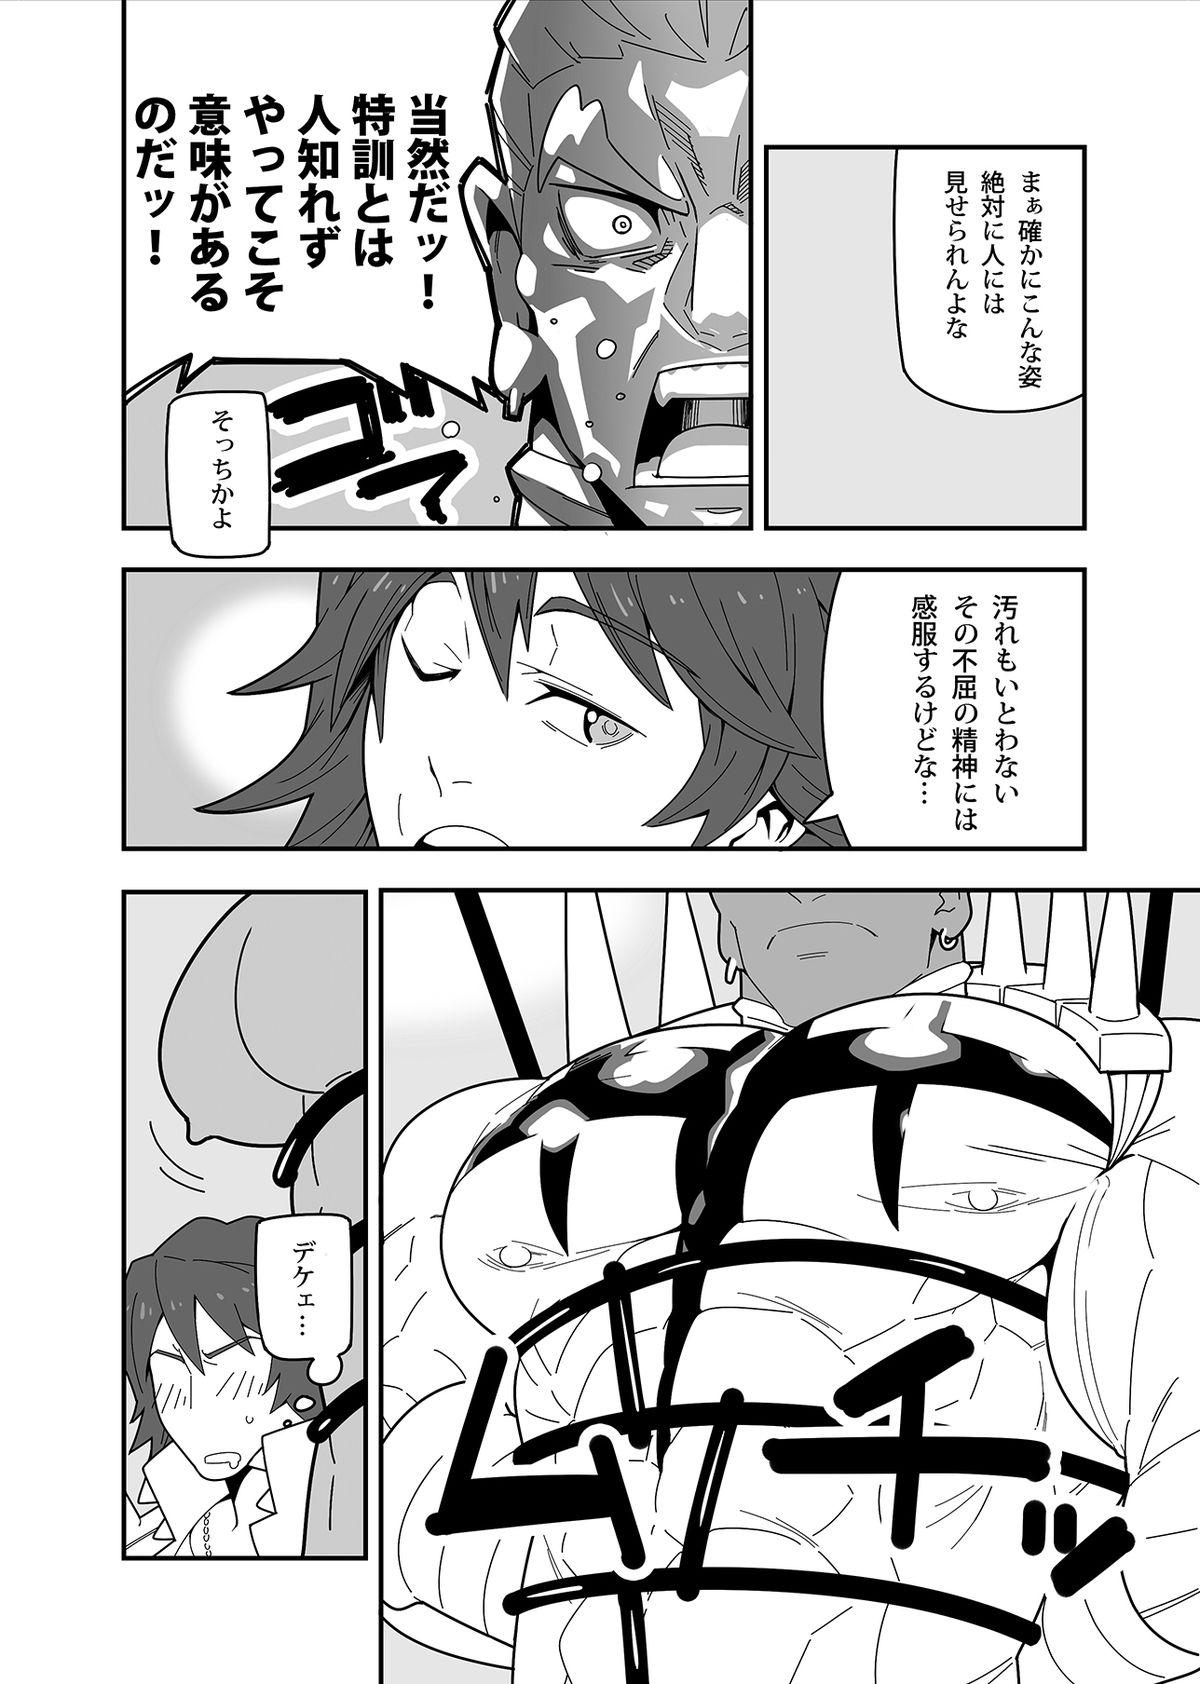 Hoshi wa Nandemo Shitteiru 5